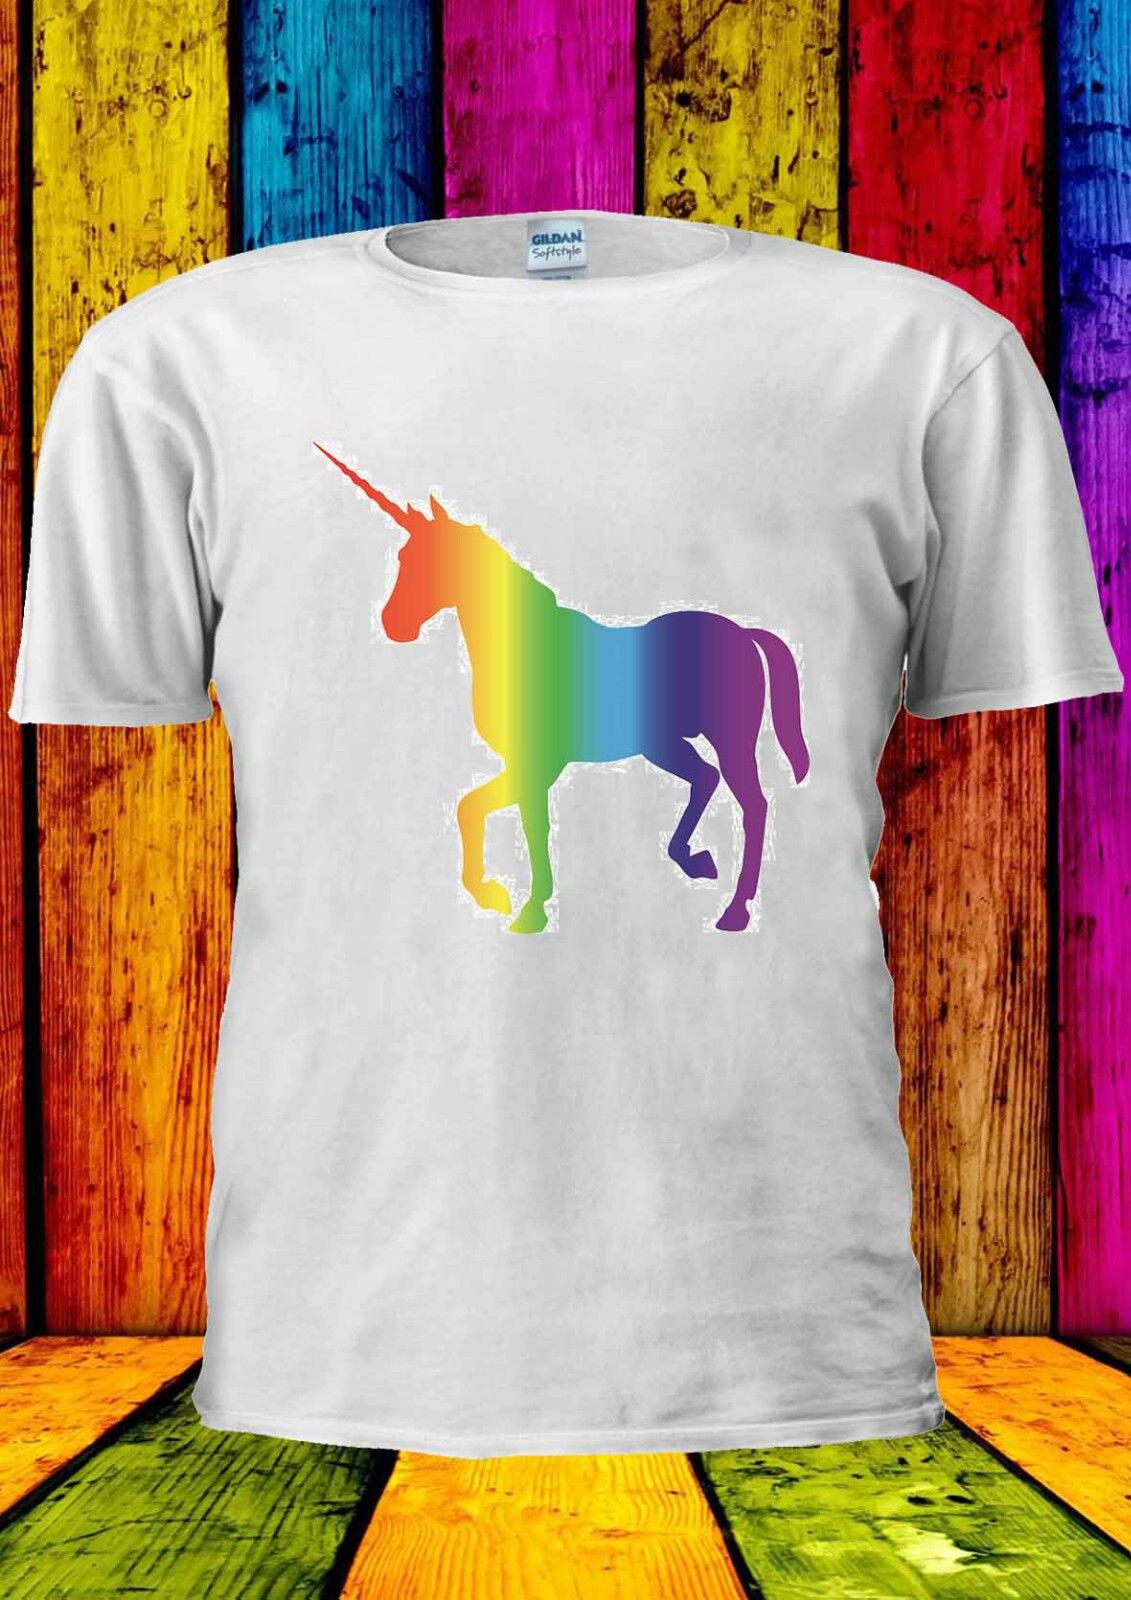 UNICORN Colorful Colourful Rainbow T-shirt Vest Top Men Women Unisex 1965